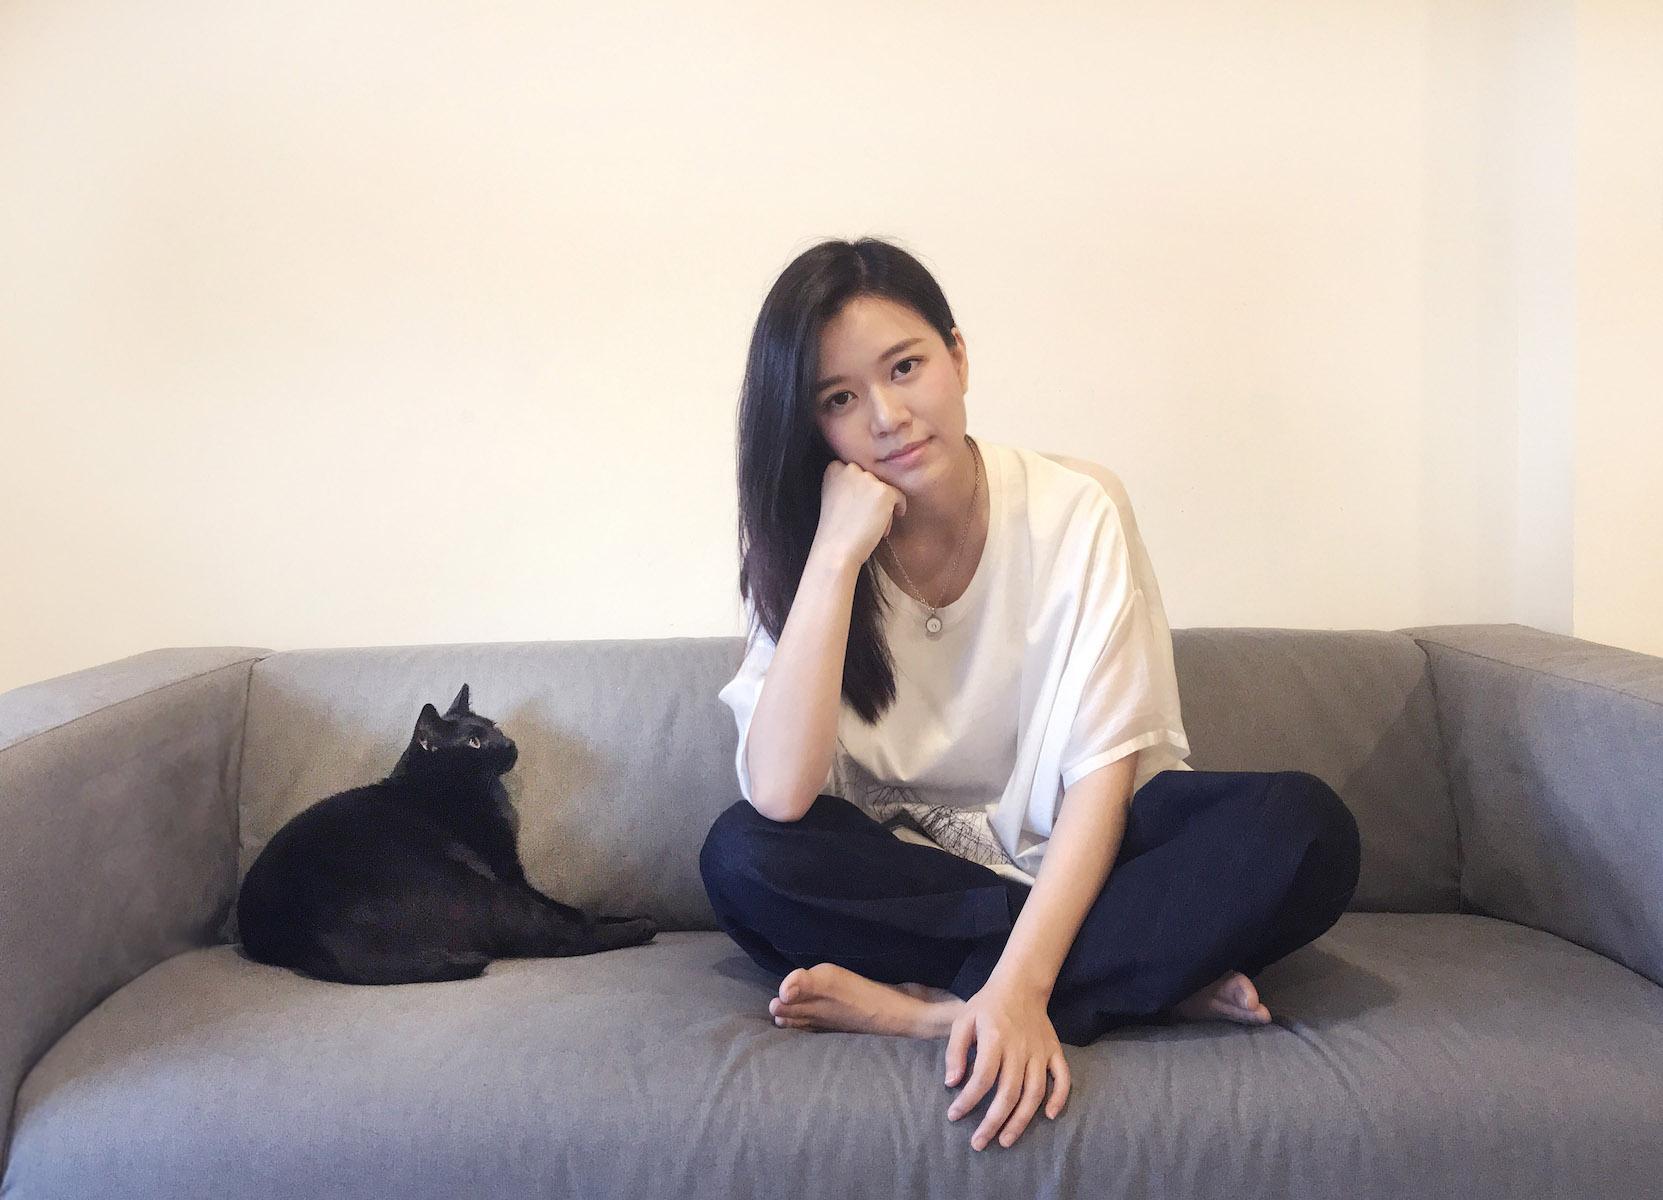 郭修彧 - 郭修彧新專輯孵3年推出單曲《擋箭牌》